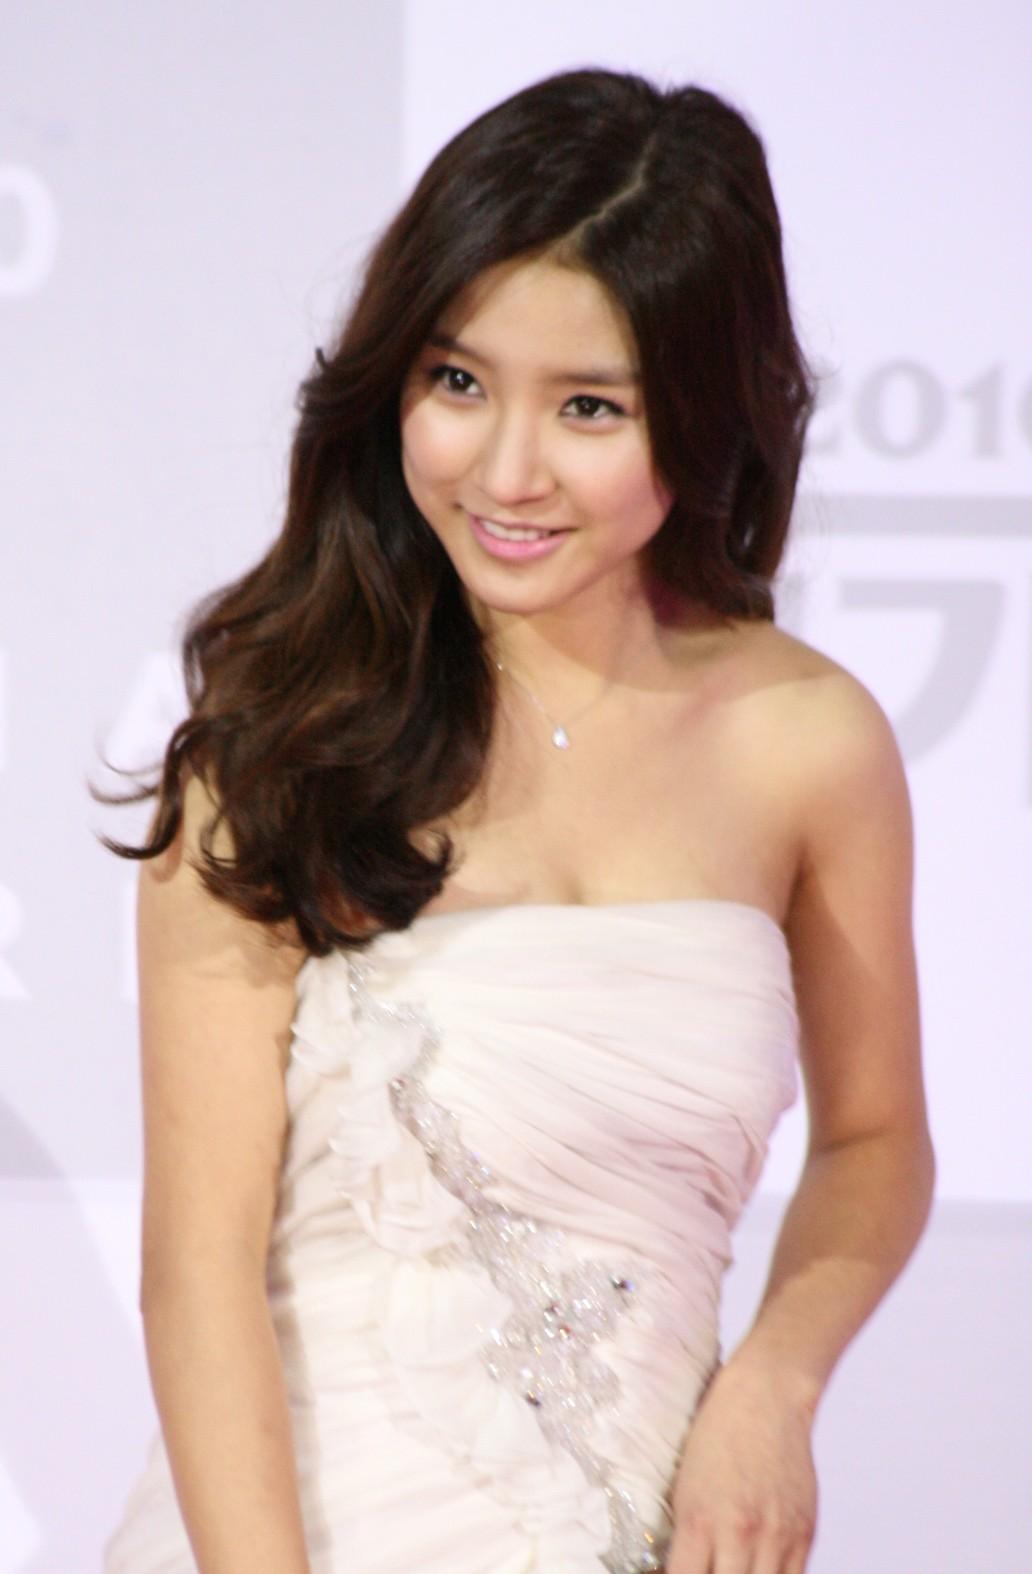 Description kim so eun at the 2010 kbs drama awards 01 jpg